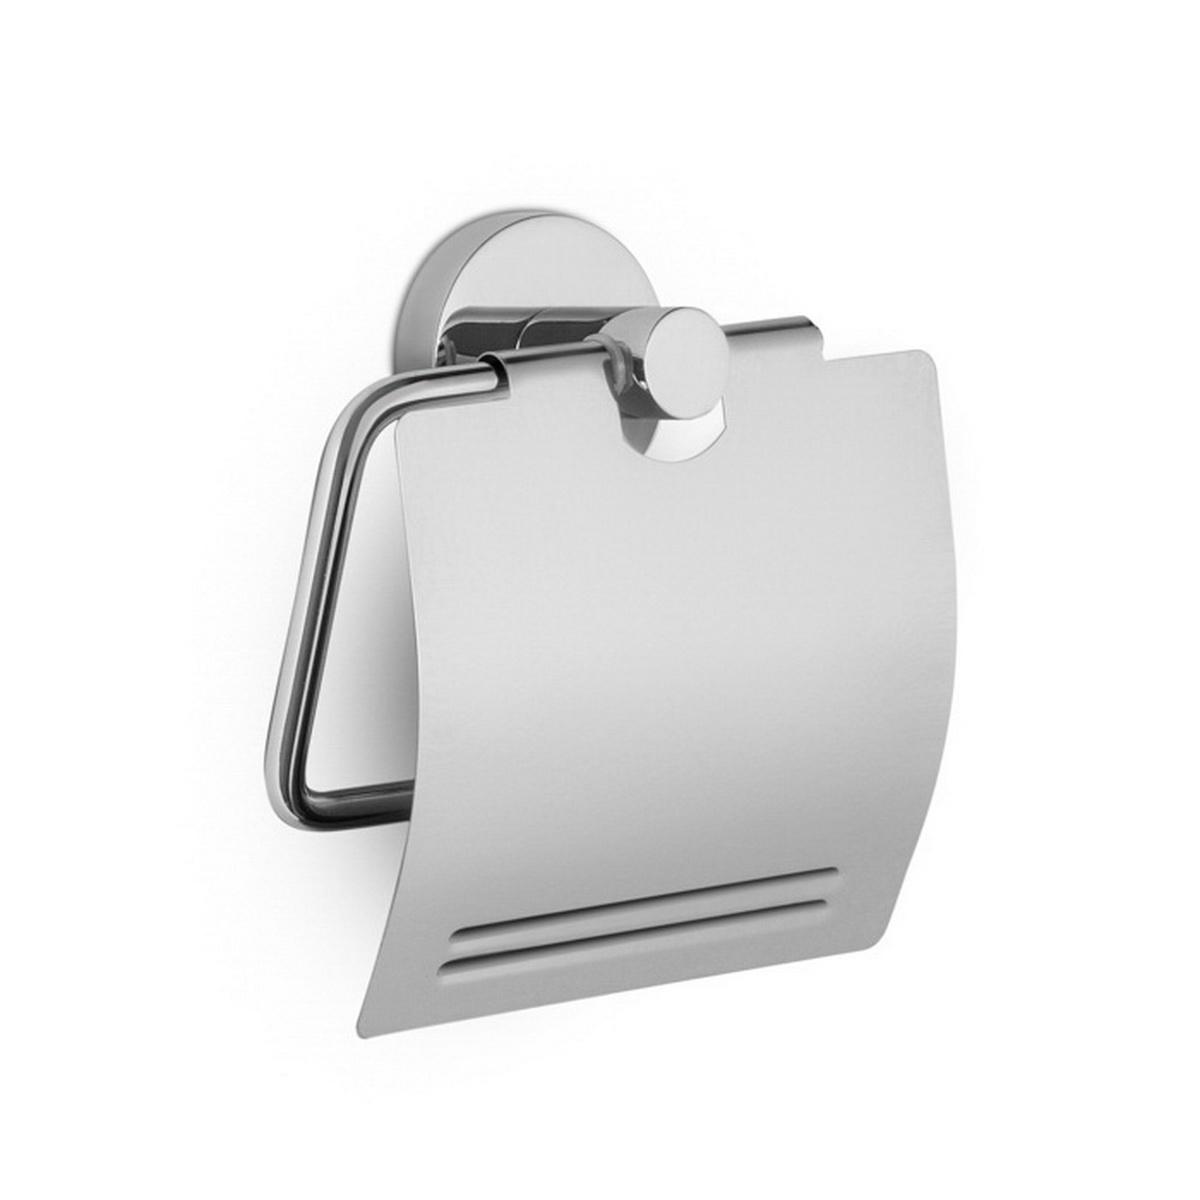 Держатель для туалетной бумаги Sibo SI11105, Металл идеи для санузла